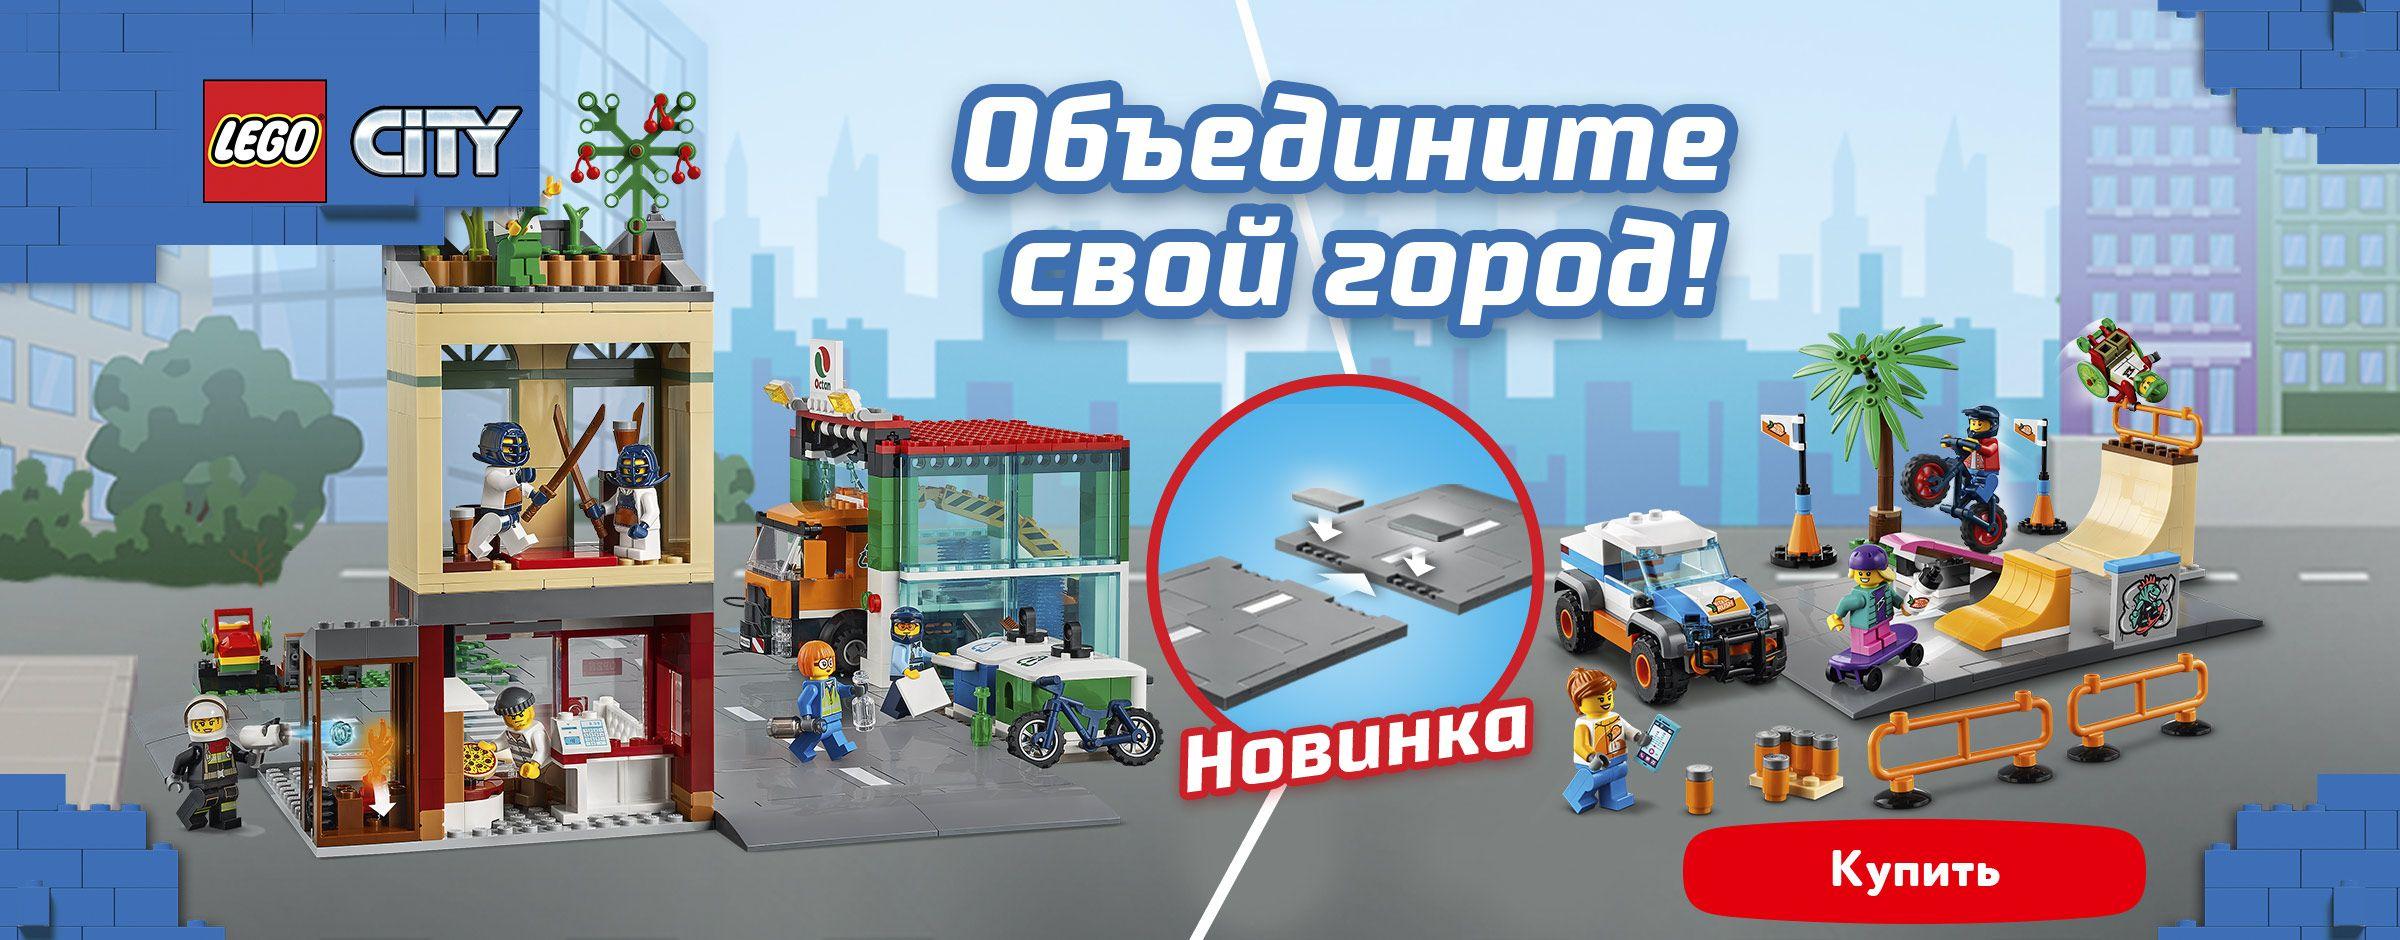 Lego City статика